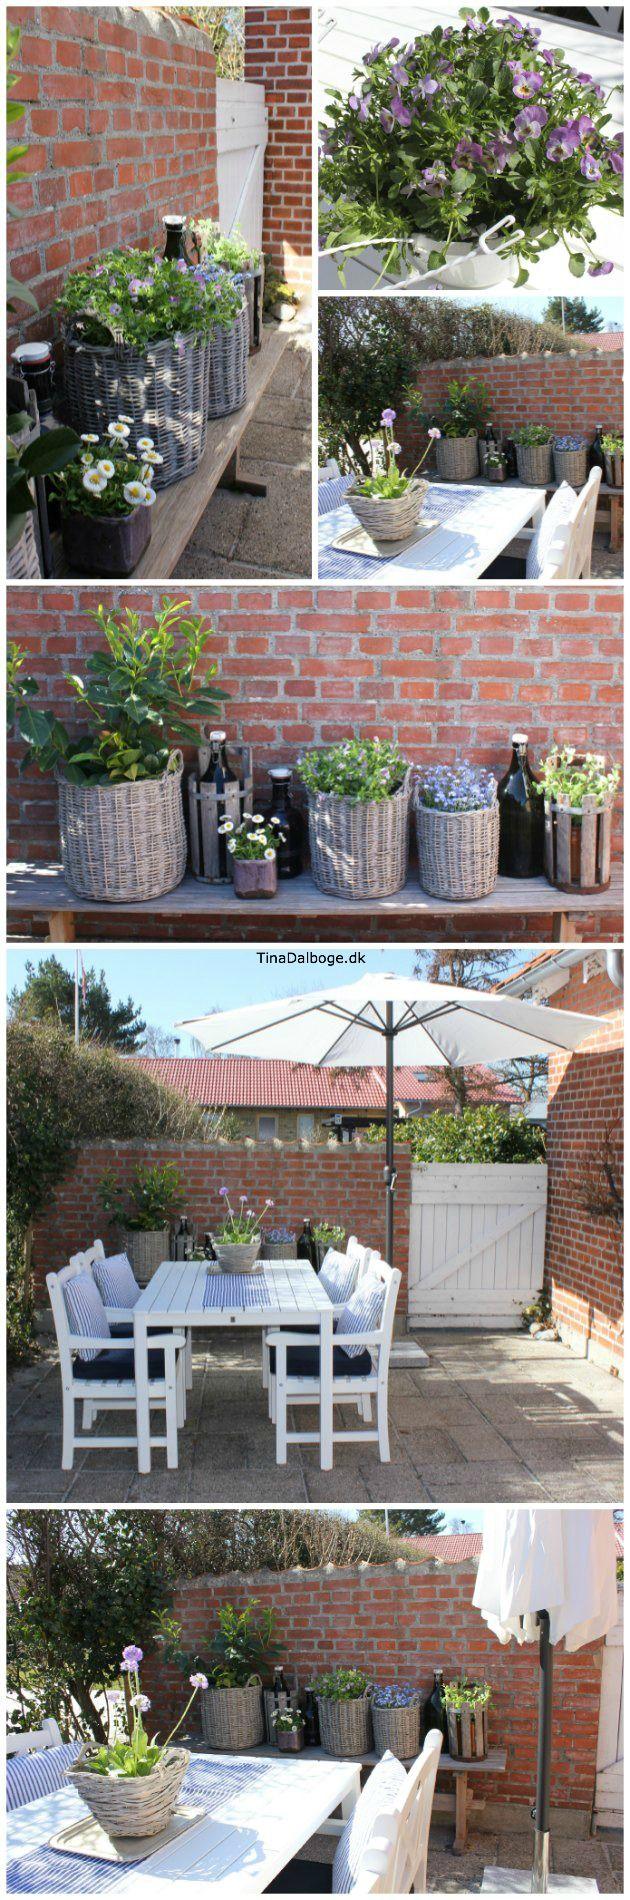 terrasse, blomster og nye havemøbler